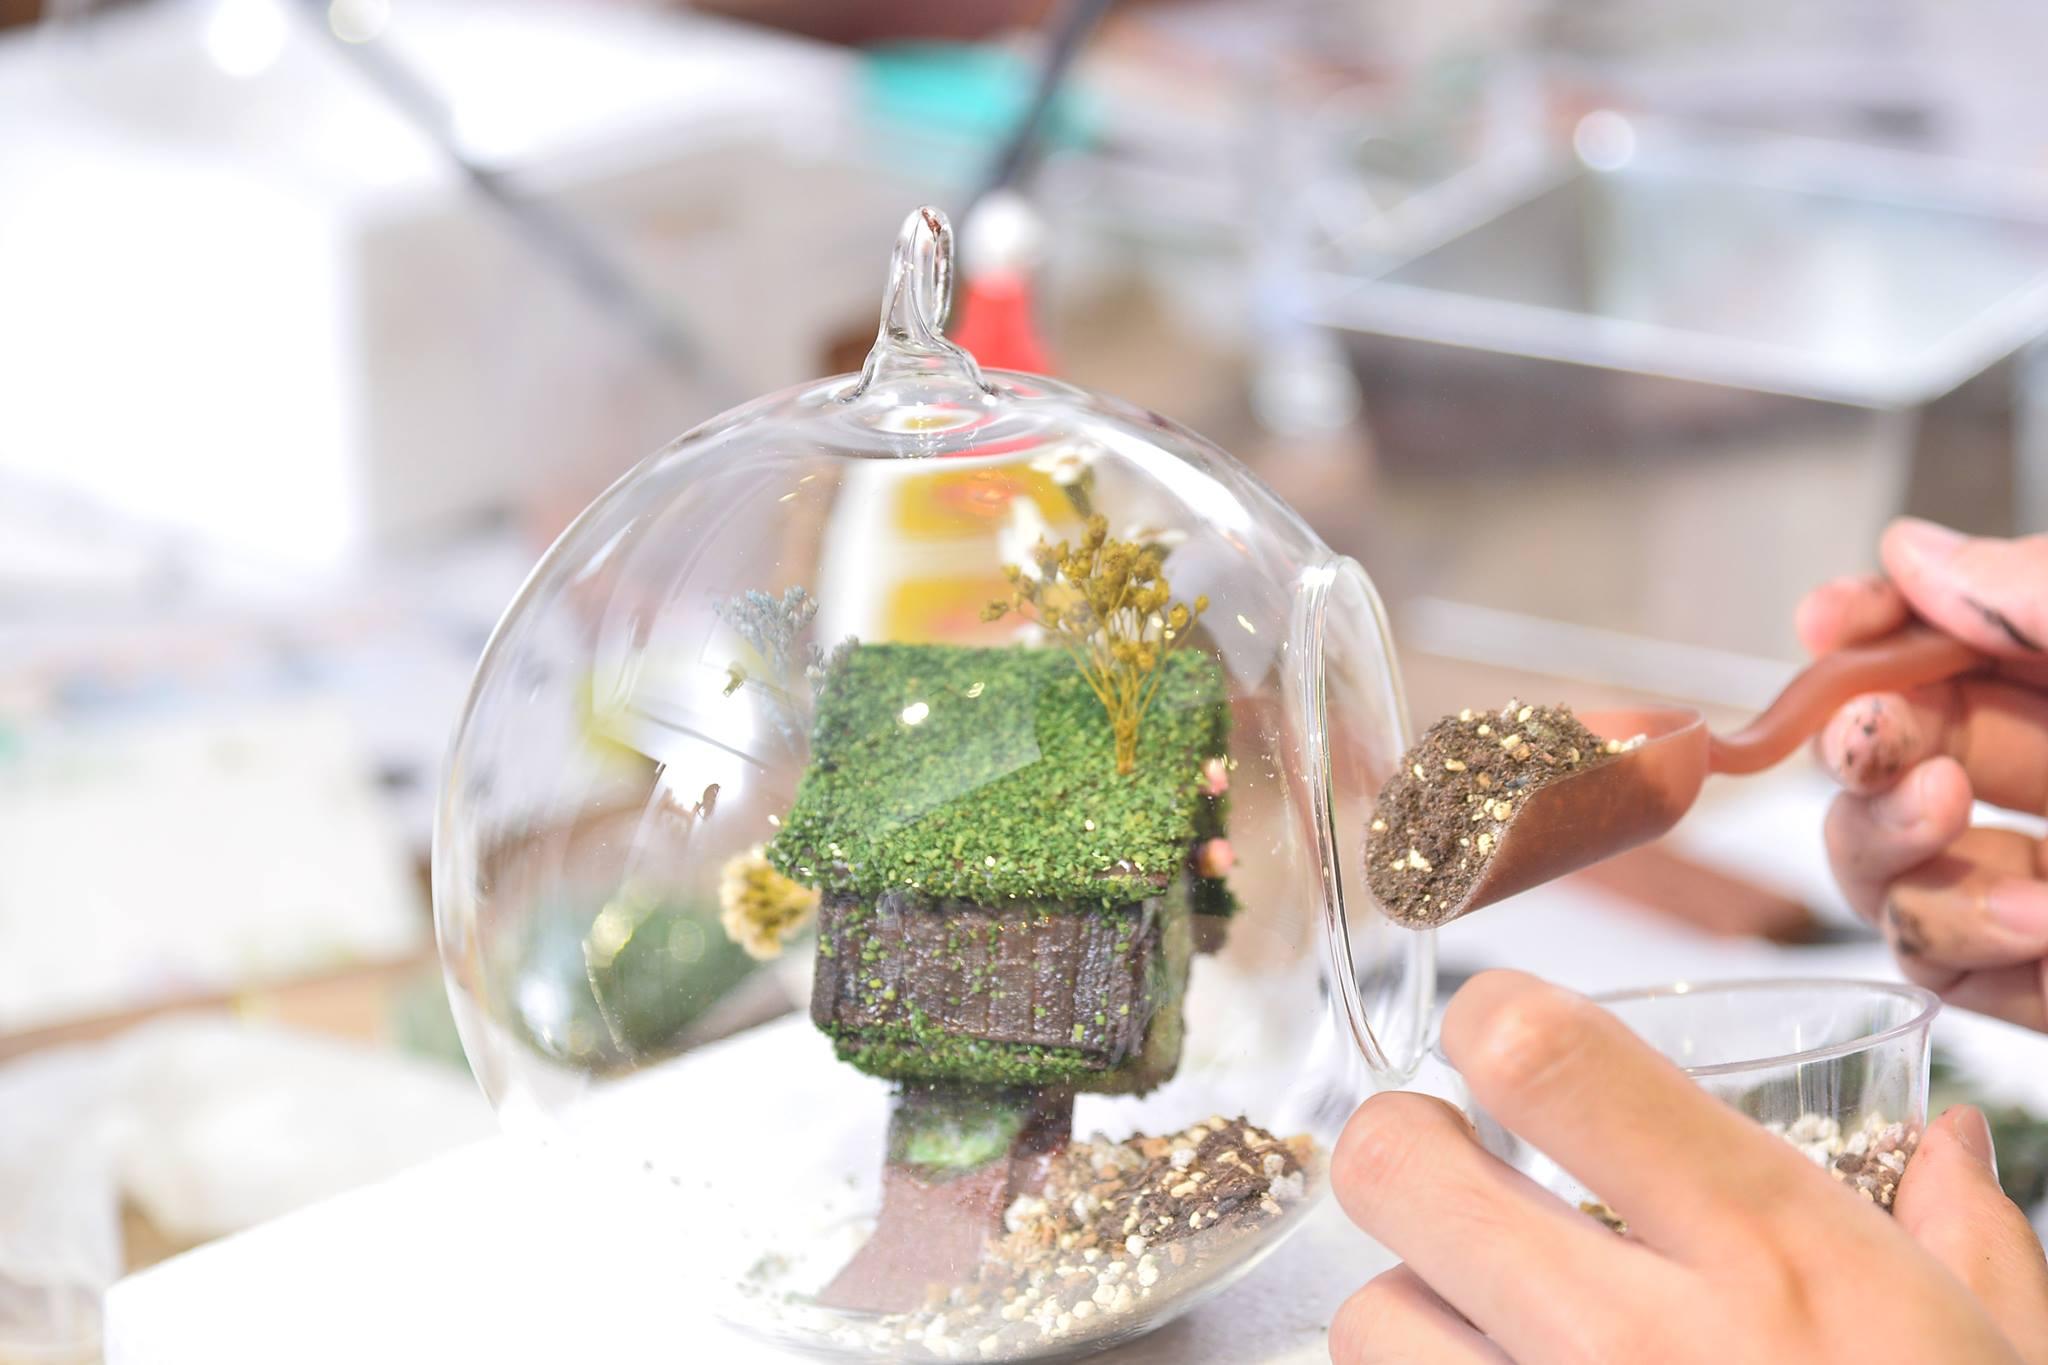 想像正在創造一個多肉植物小行星,裡頭的擺設都由自己一手包辦,自己從無到有創造出來